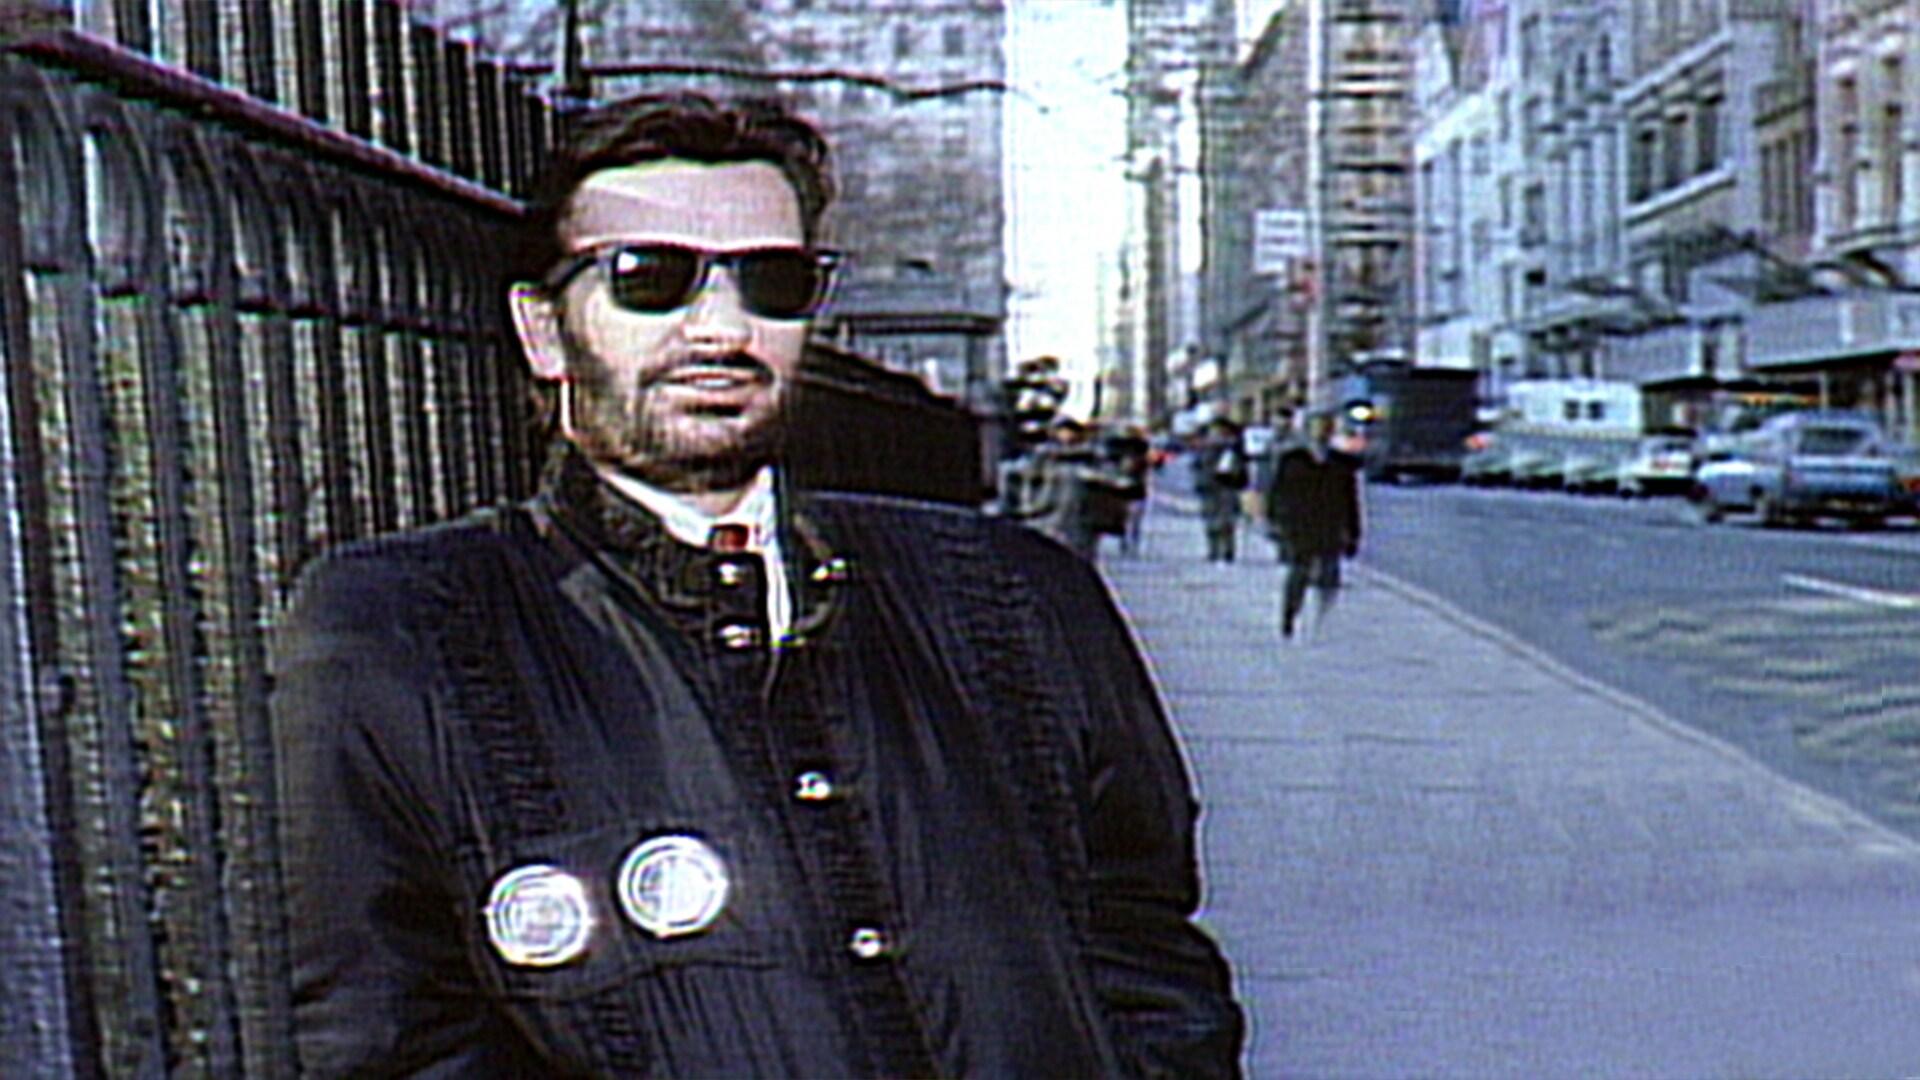 Ringo Starr: December 8, 1984